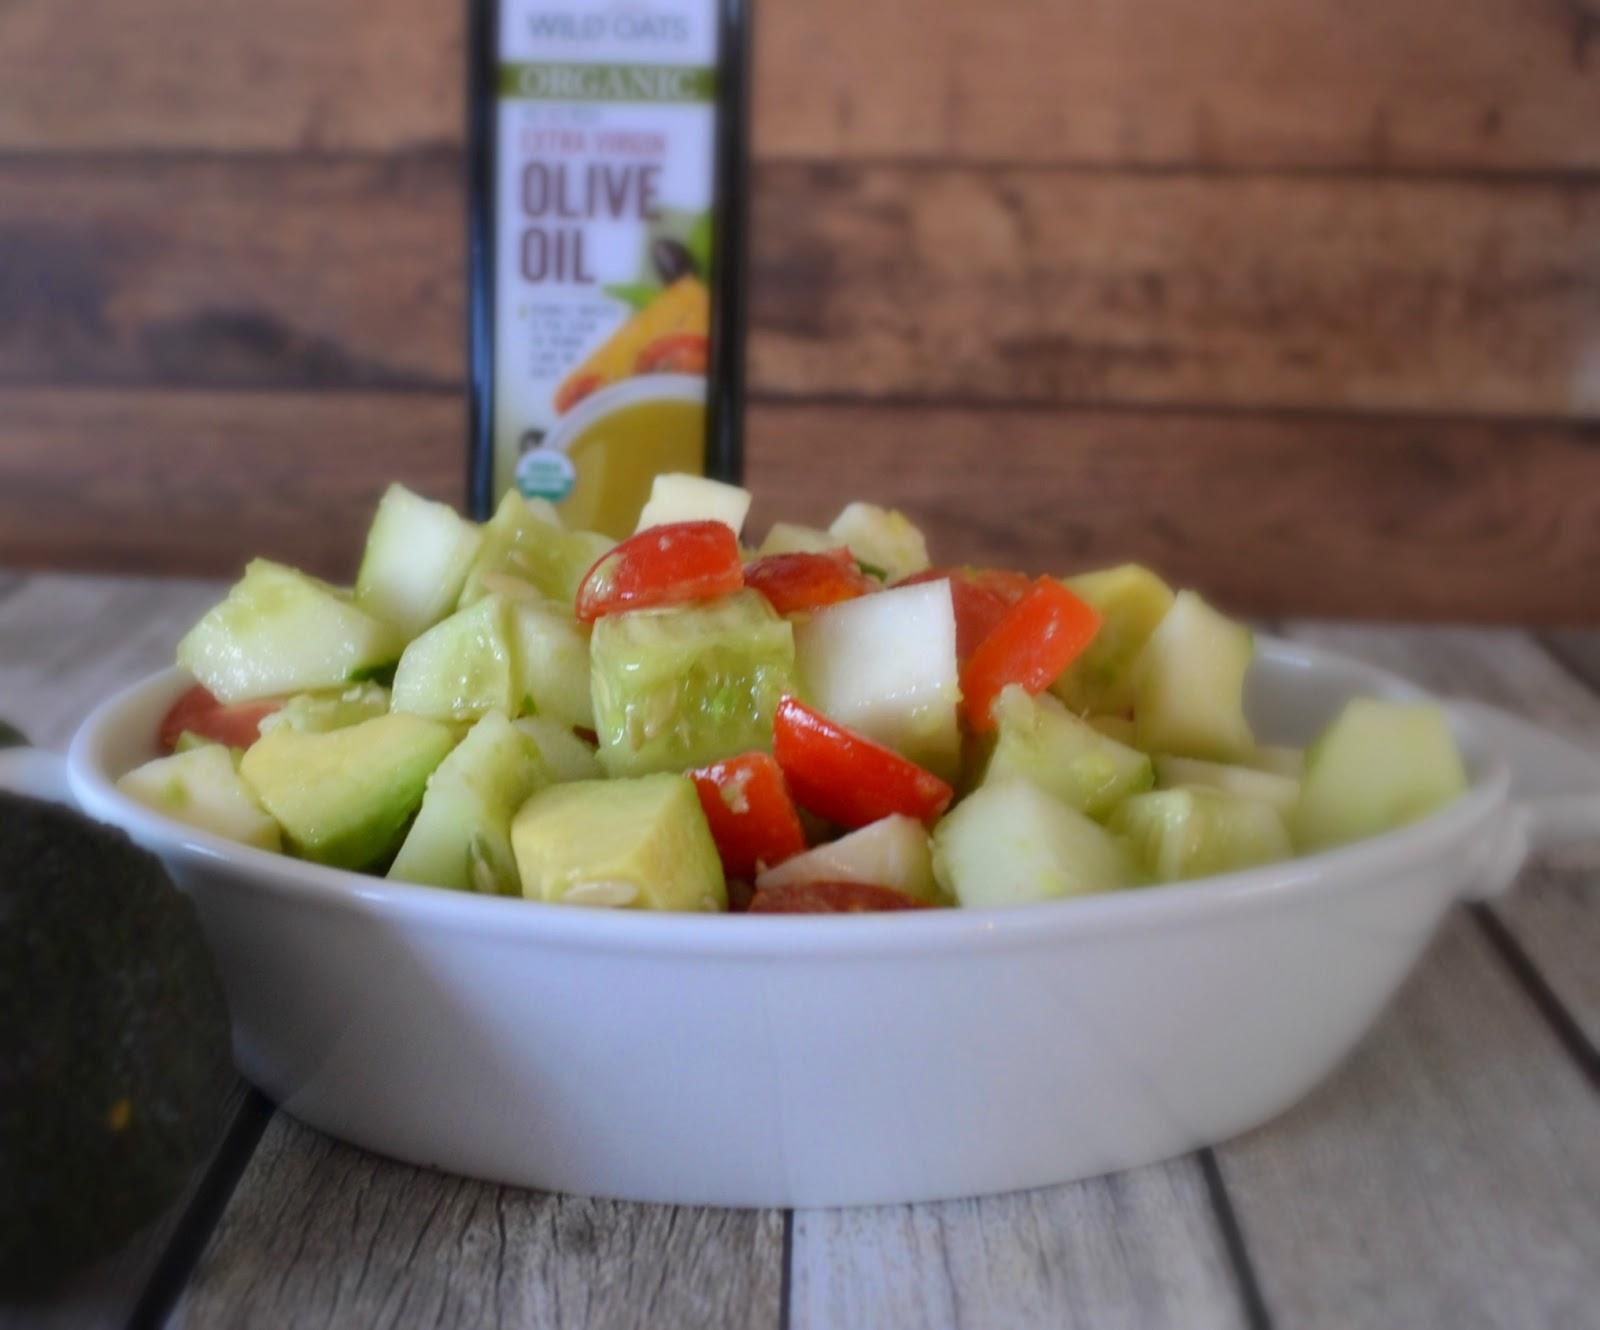 Cucumber Avocado Salad recipes.  Salad Recipes with Cucumbers.  salad recipes with Avocados.  Easy summer salad recipes.  Wild Oats Marketplace Organic products.